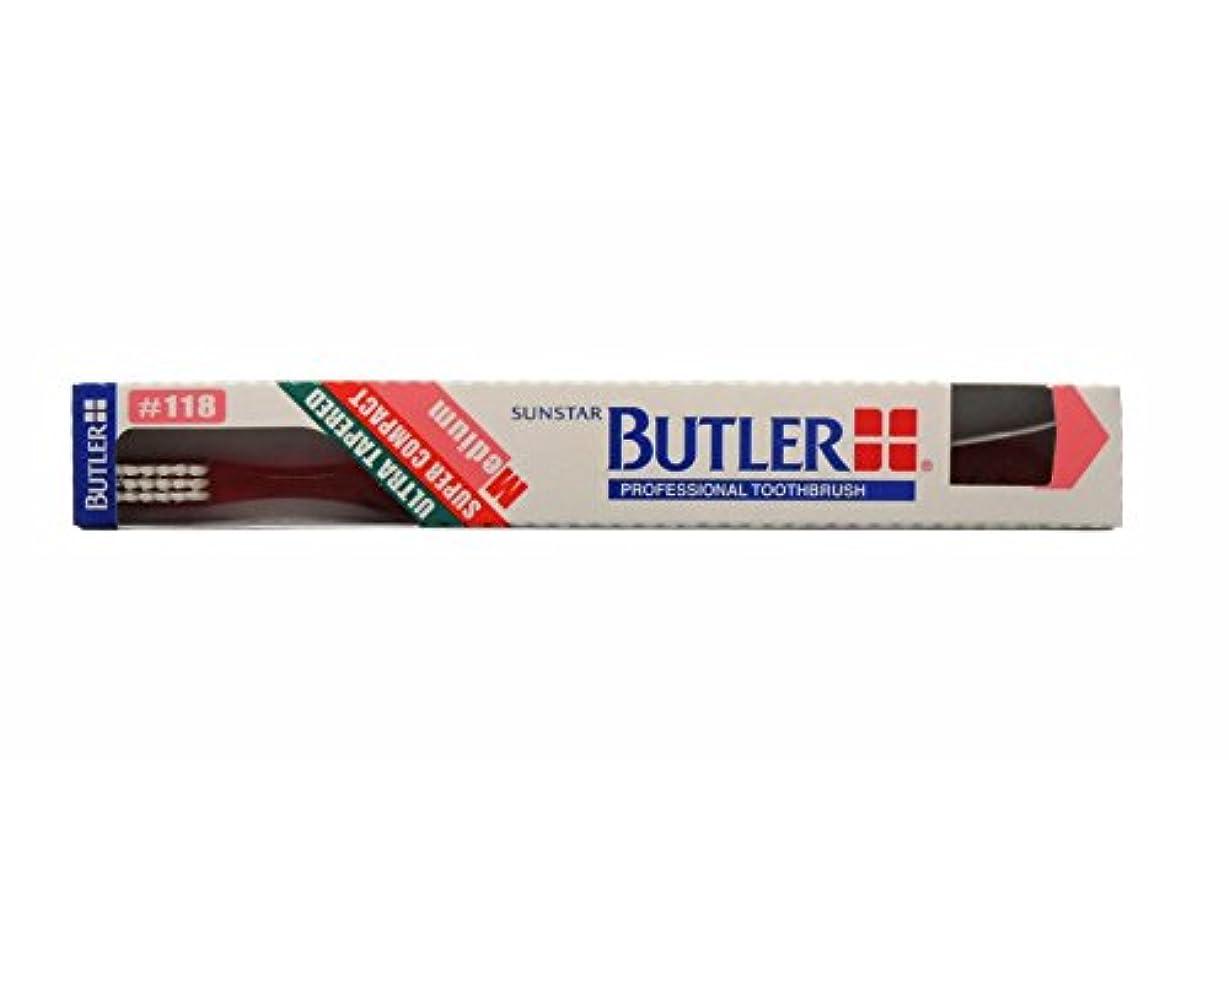 ロケットライター評議会バトラー 歯ブラシ 1本 #118 レッド